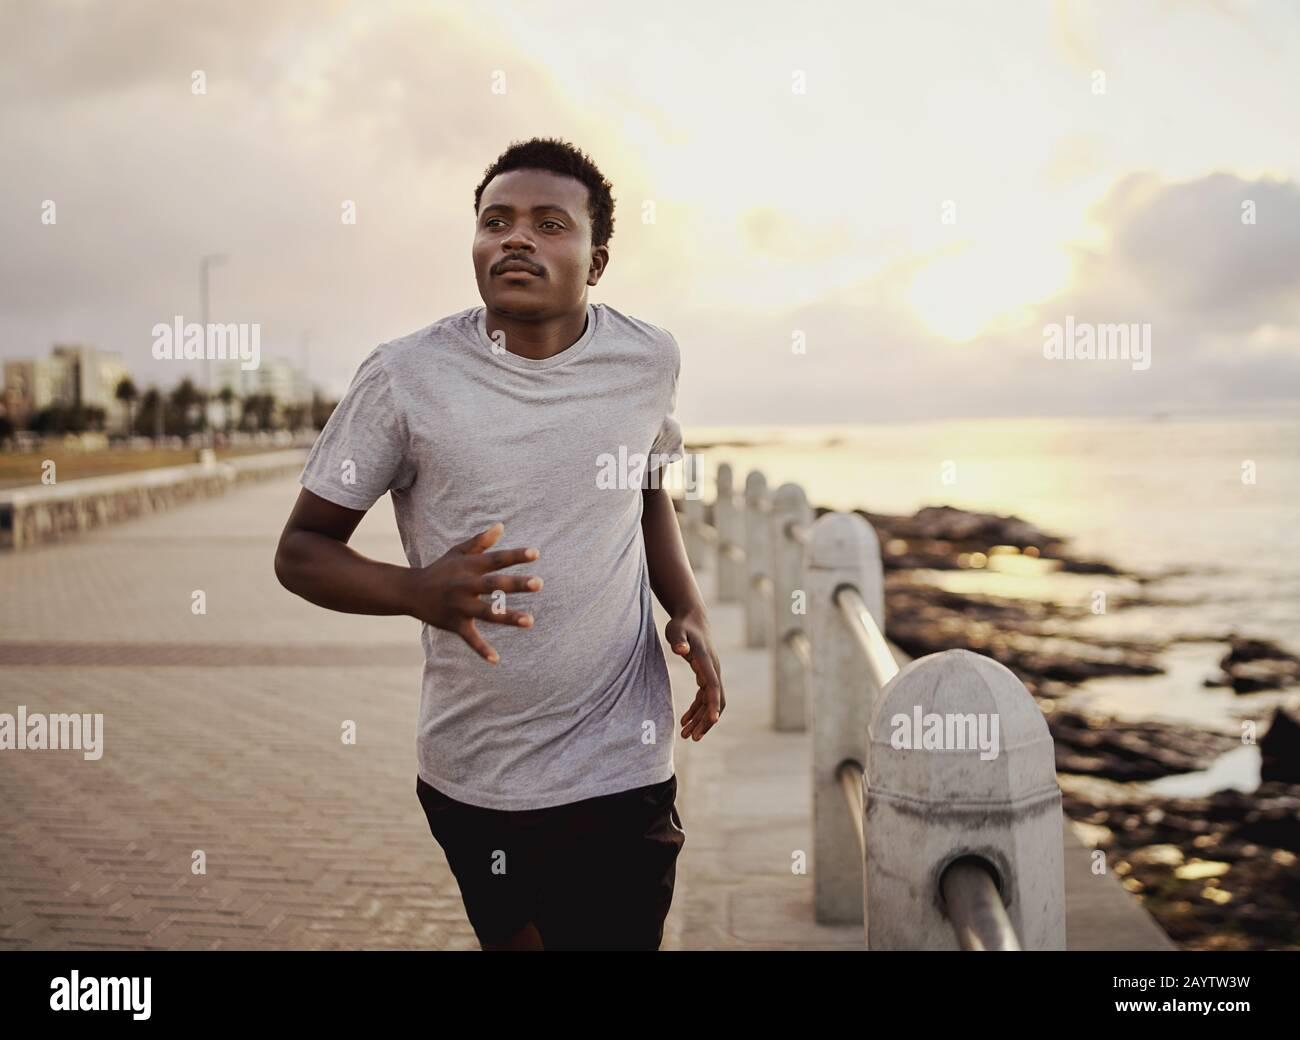 Ein selbstbewusster junger Athlet, der am frühen Morgen auf der Promenade am Meer läuft Stockfoto